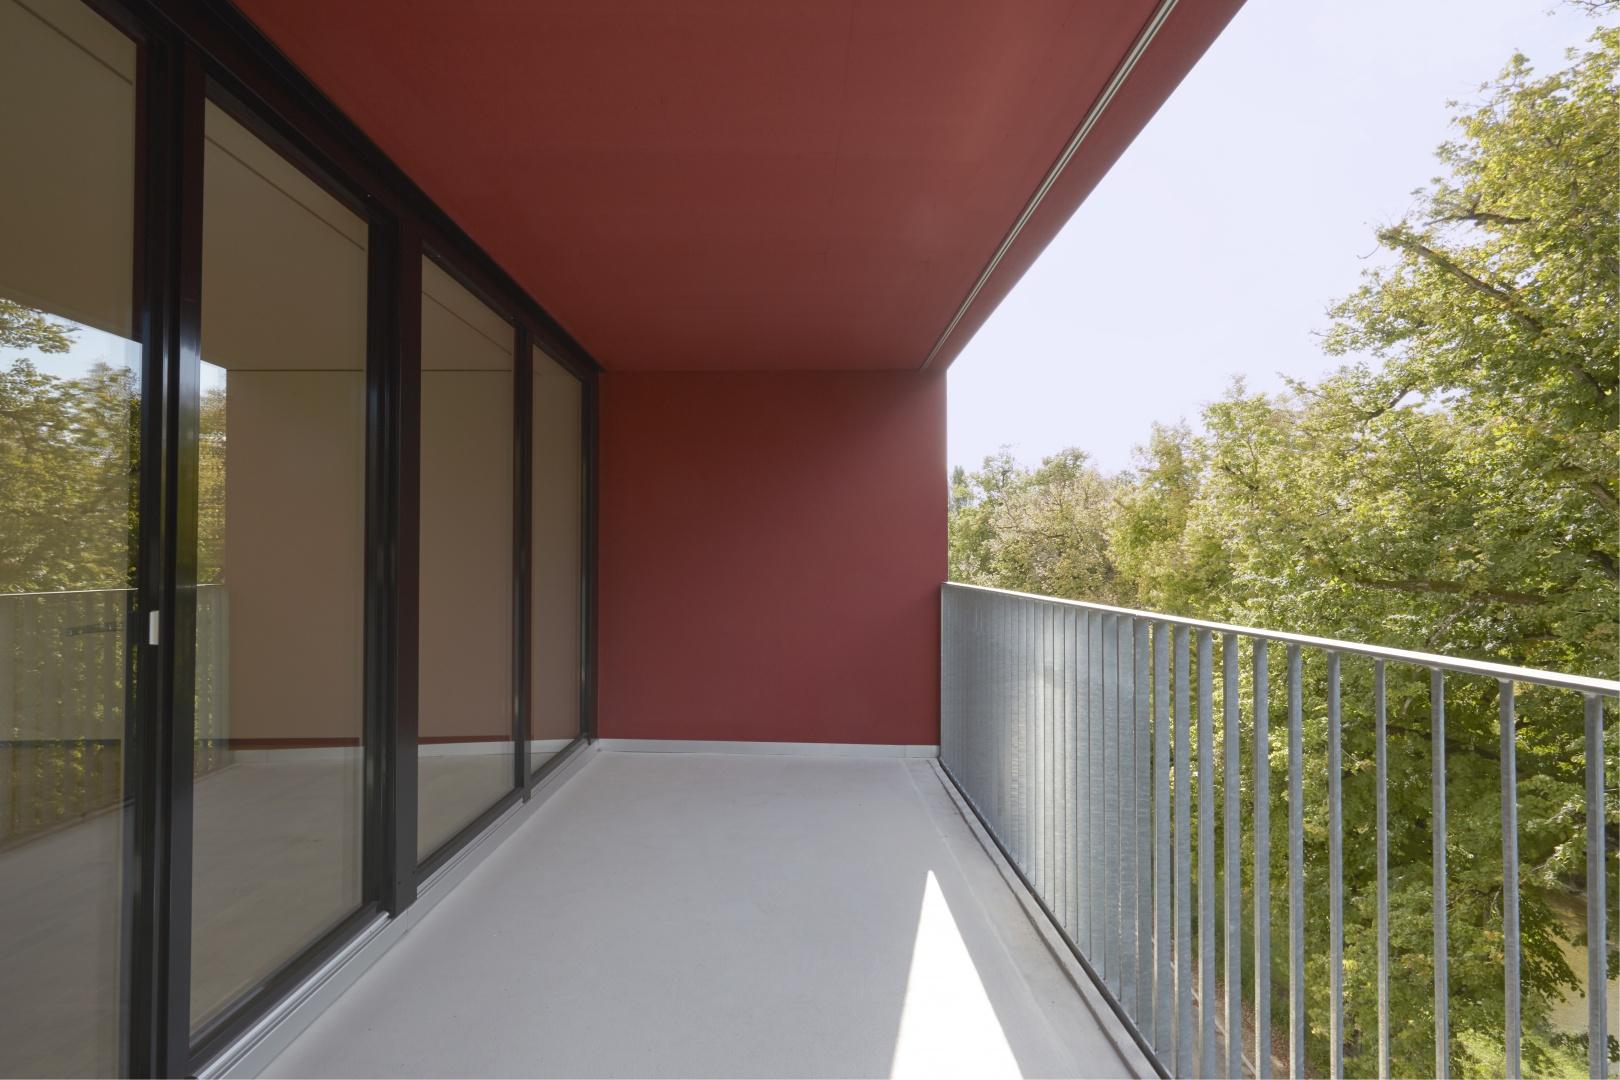 Balkon_Nord_Rot © Heinz Unger, Schlieren